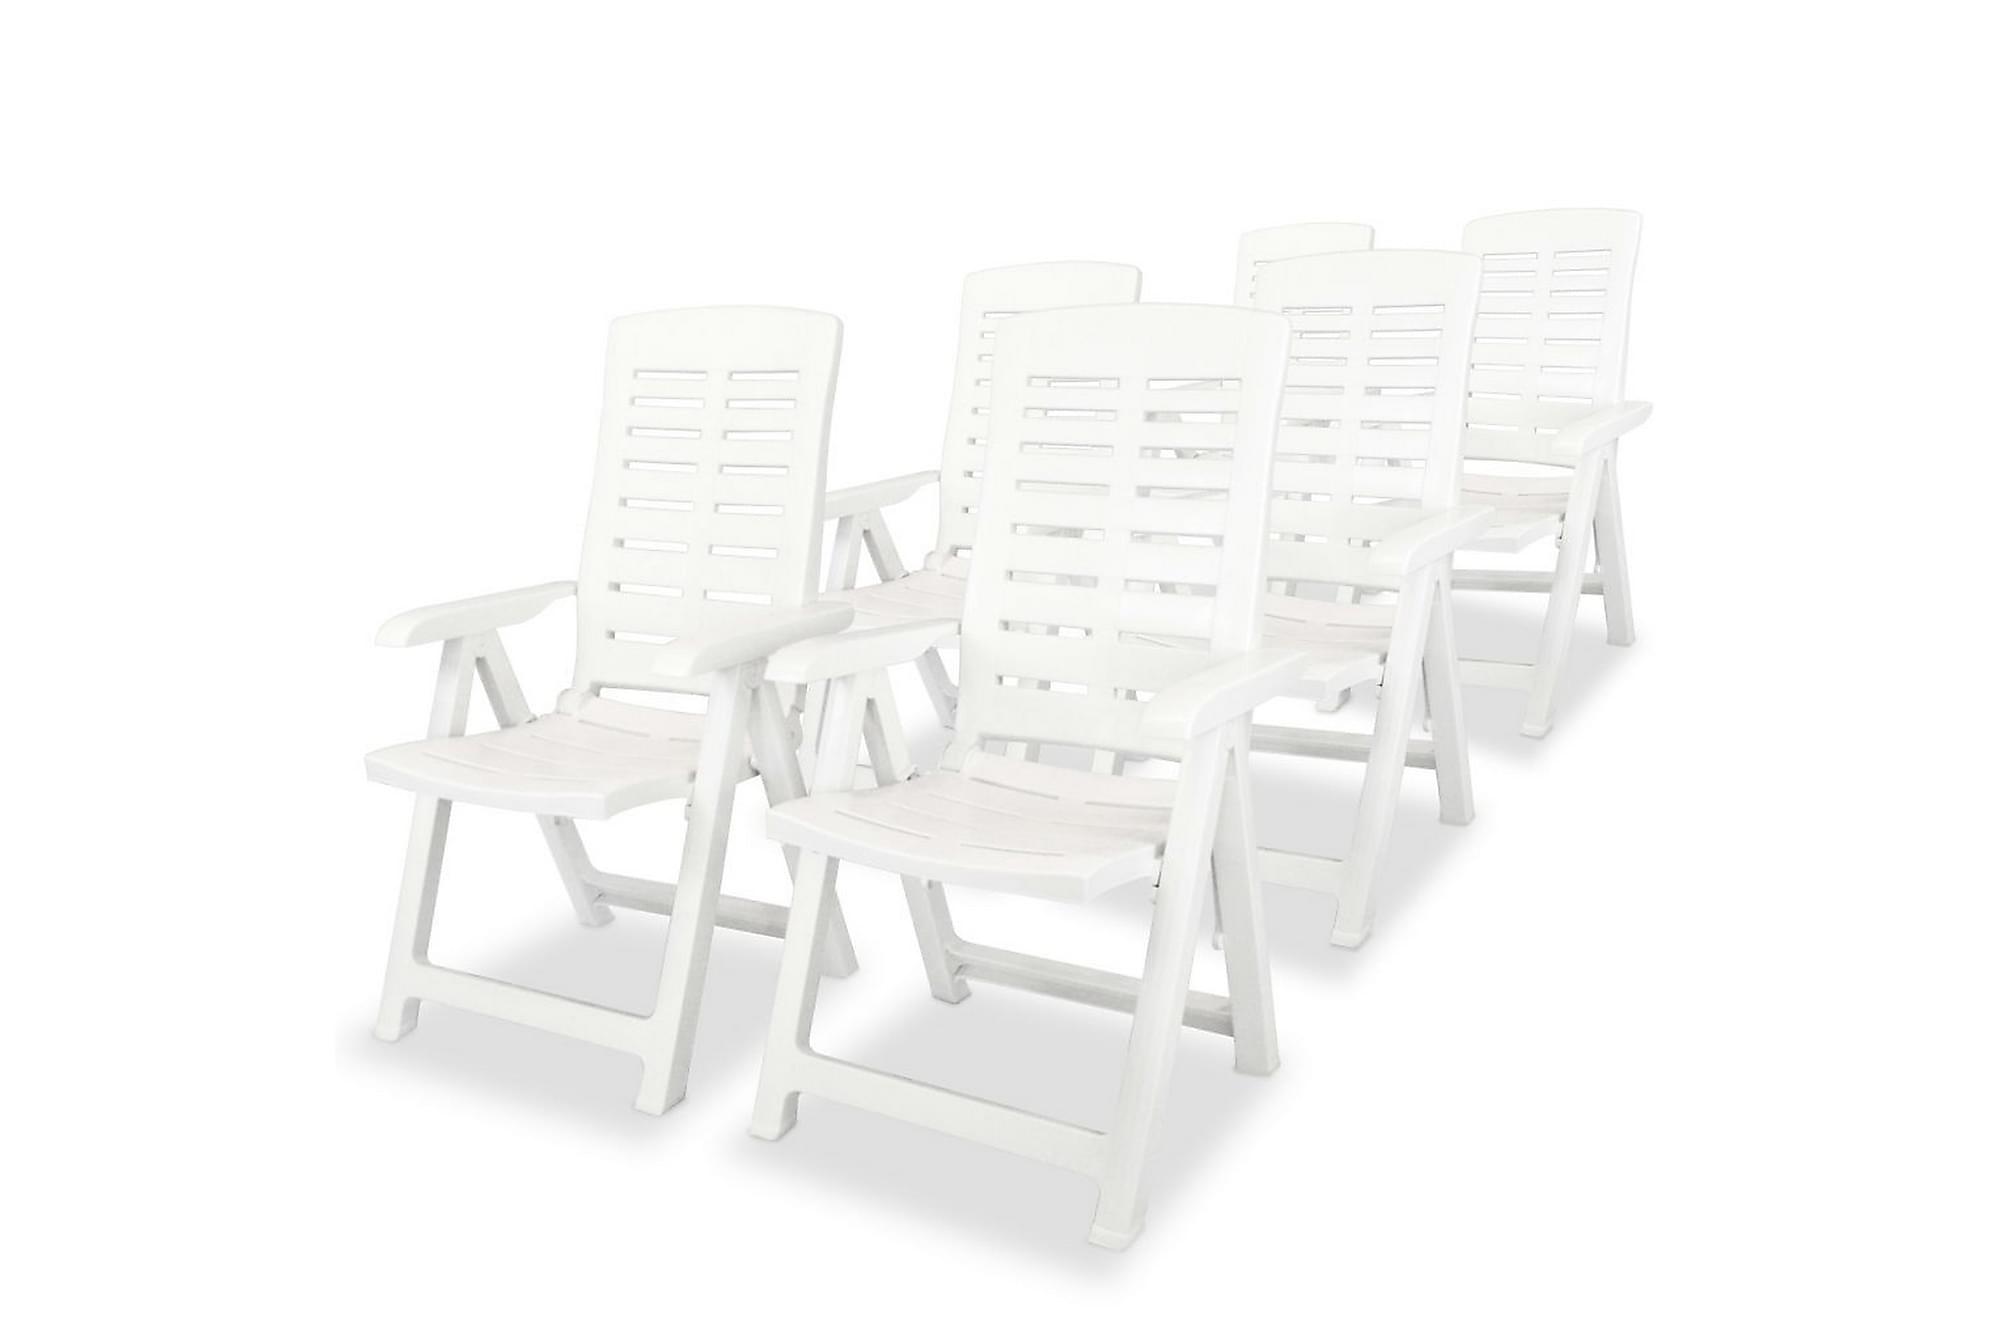 Justerbara trädgårdsstolar 6 st plast vit, Positionsstol